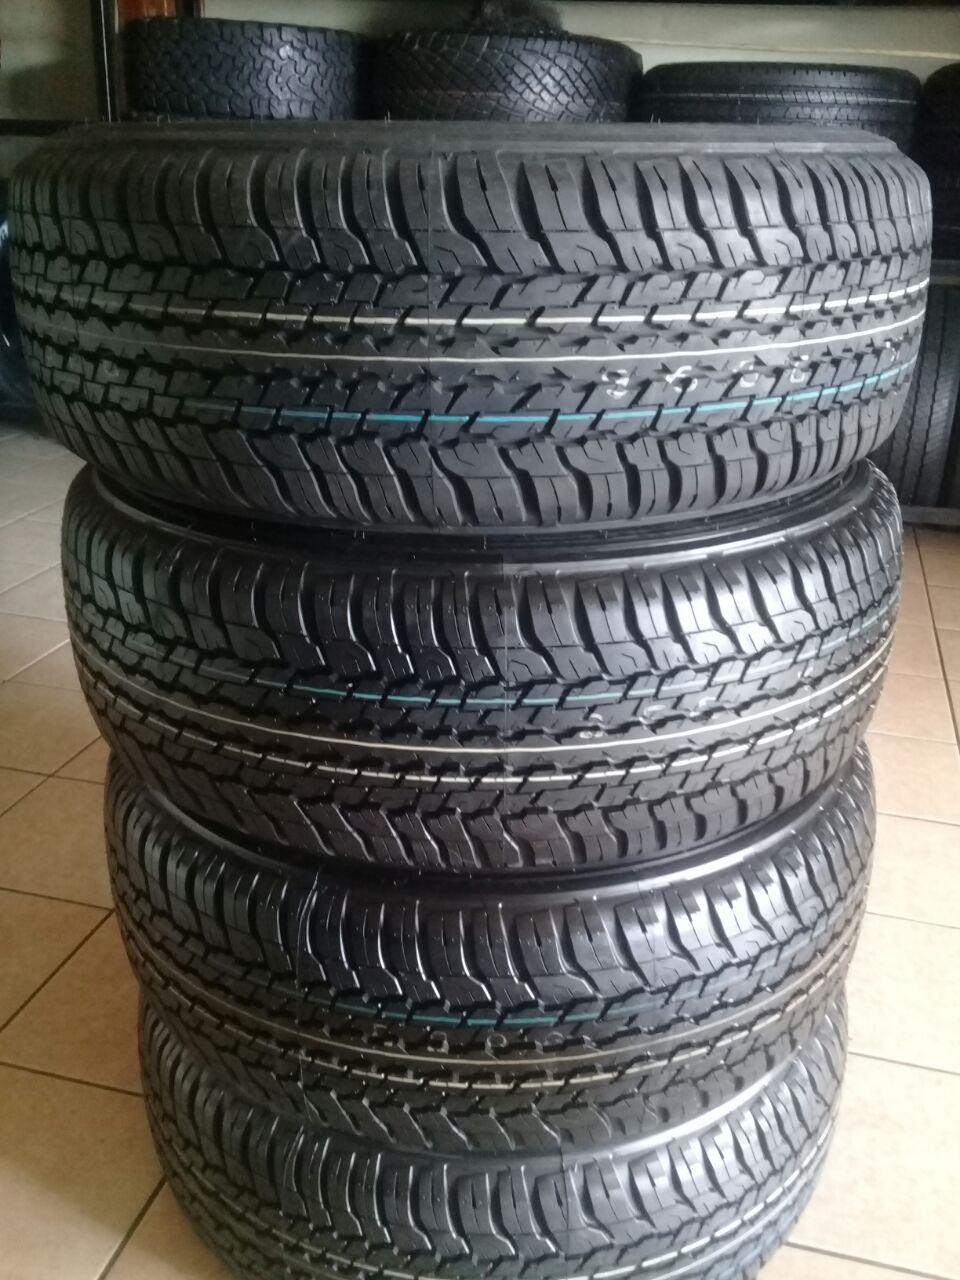 265/60/18 Dunlop Grandtrak A/t R7499